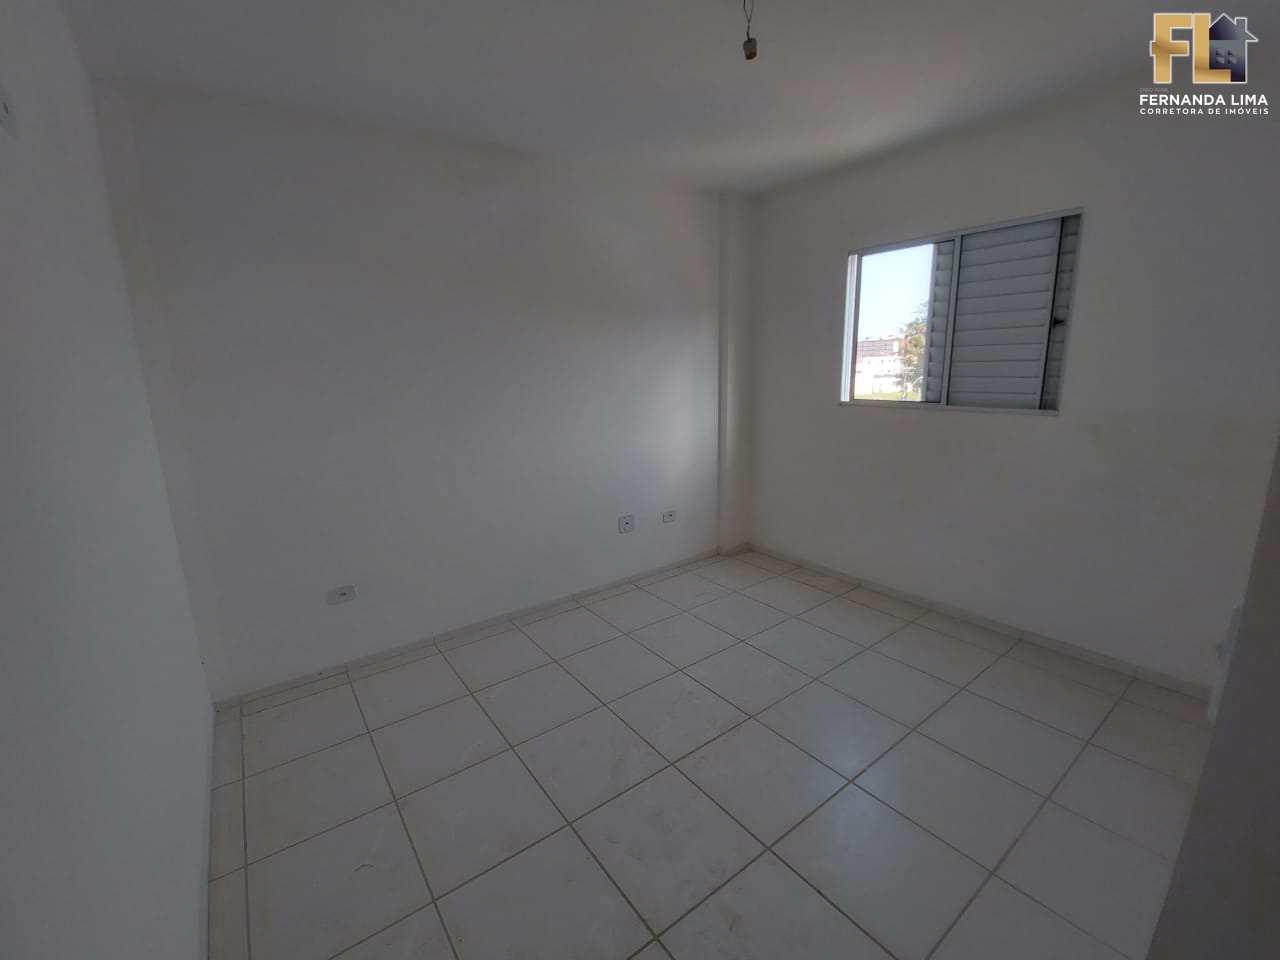 Apartamento com 2 dorms, Pedreira, Mongaguá - R$ 199 mil, Cod: 45242